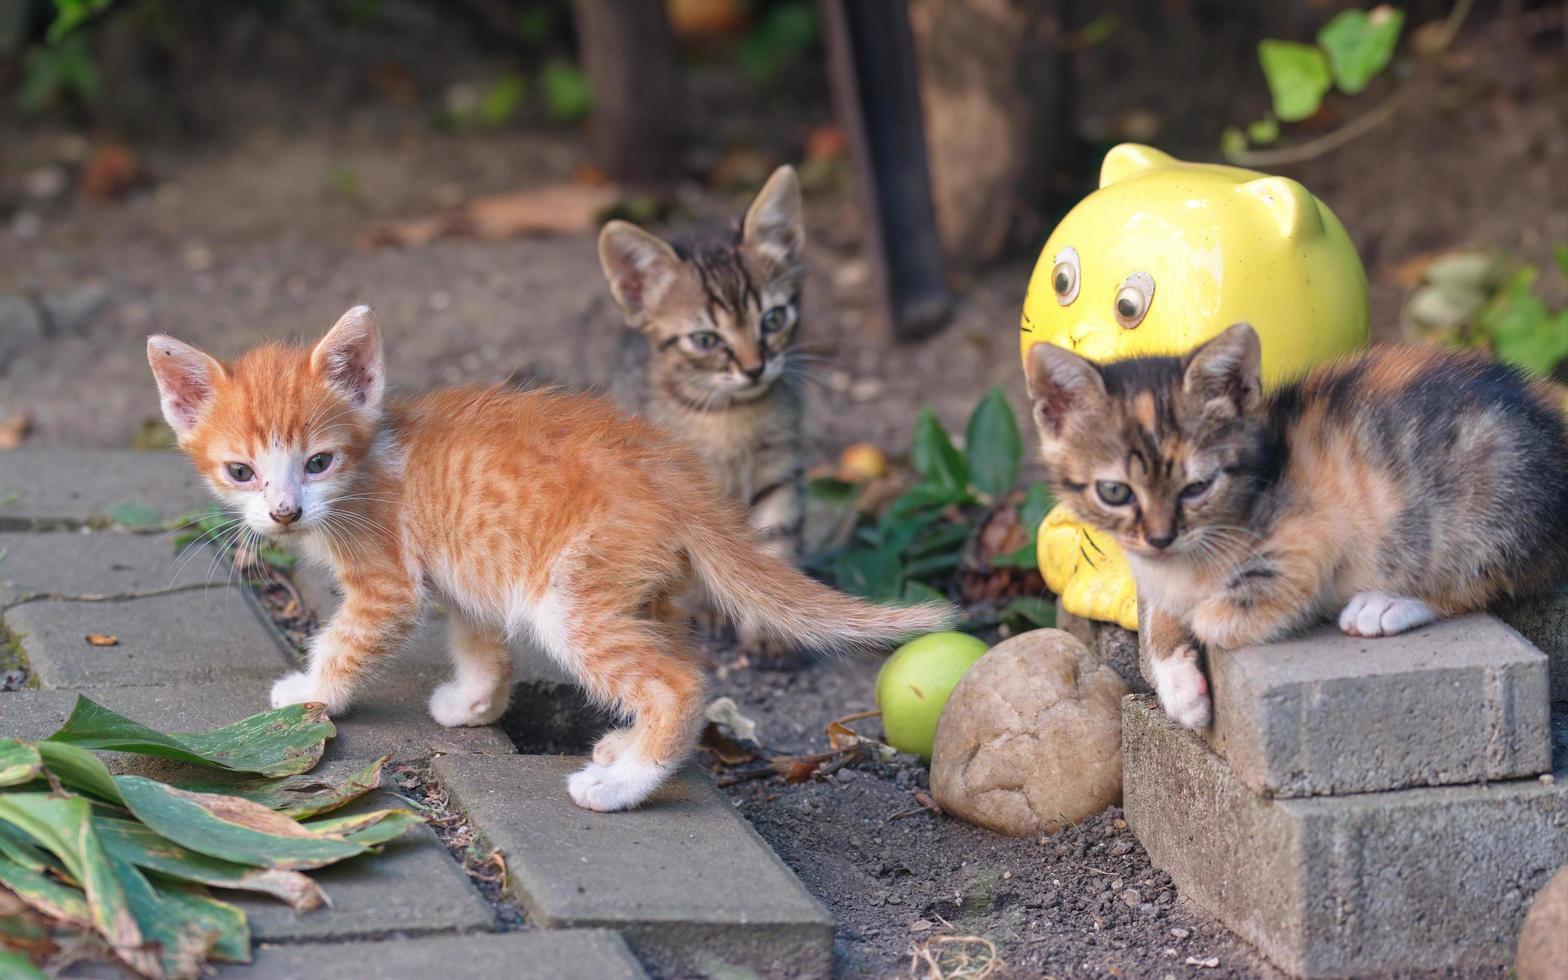 gattini in un giardino foto